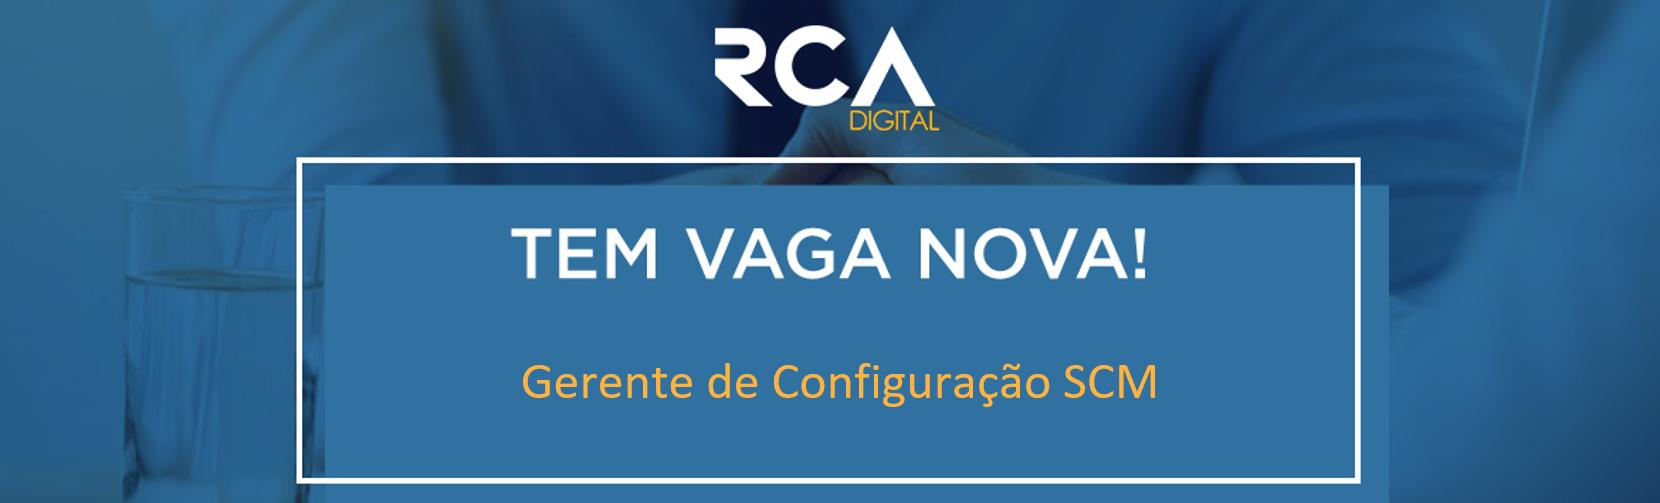 [RCA] - Gerente de Configuração SCM